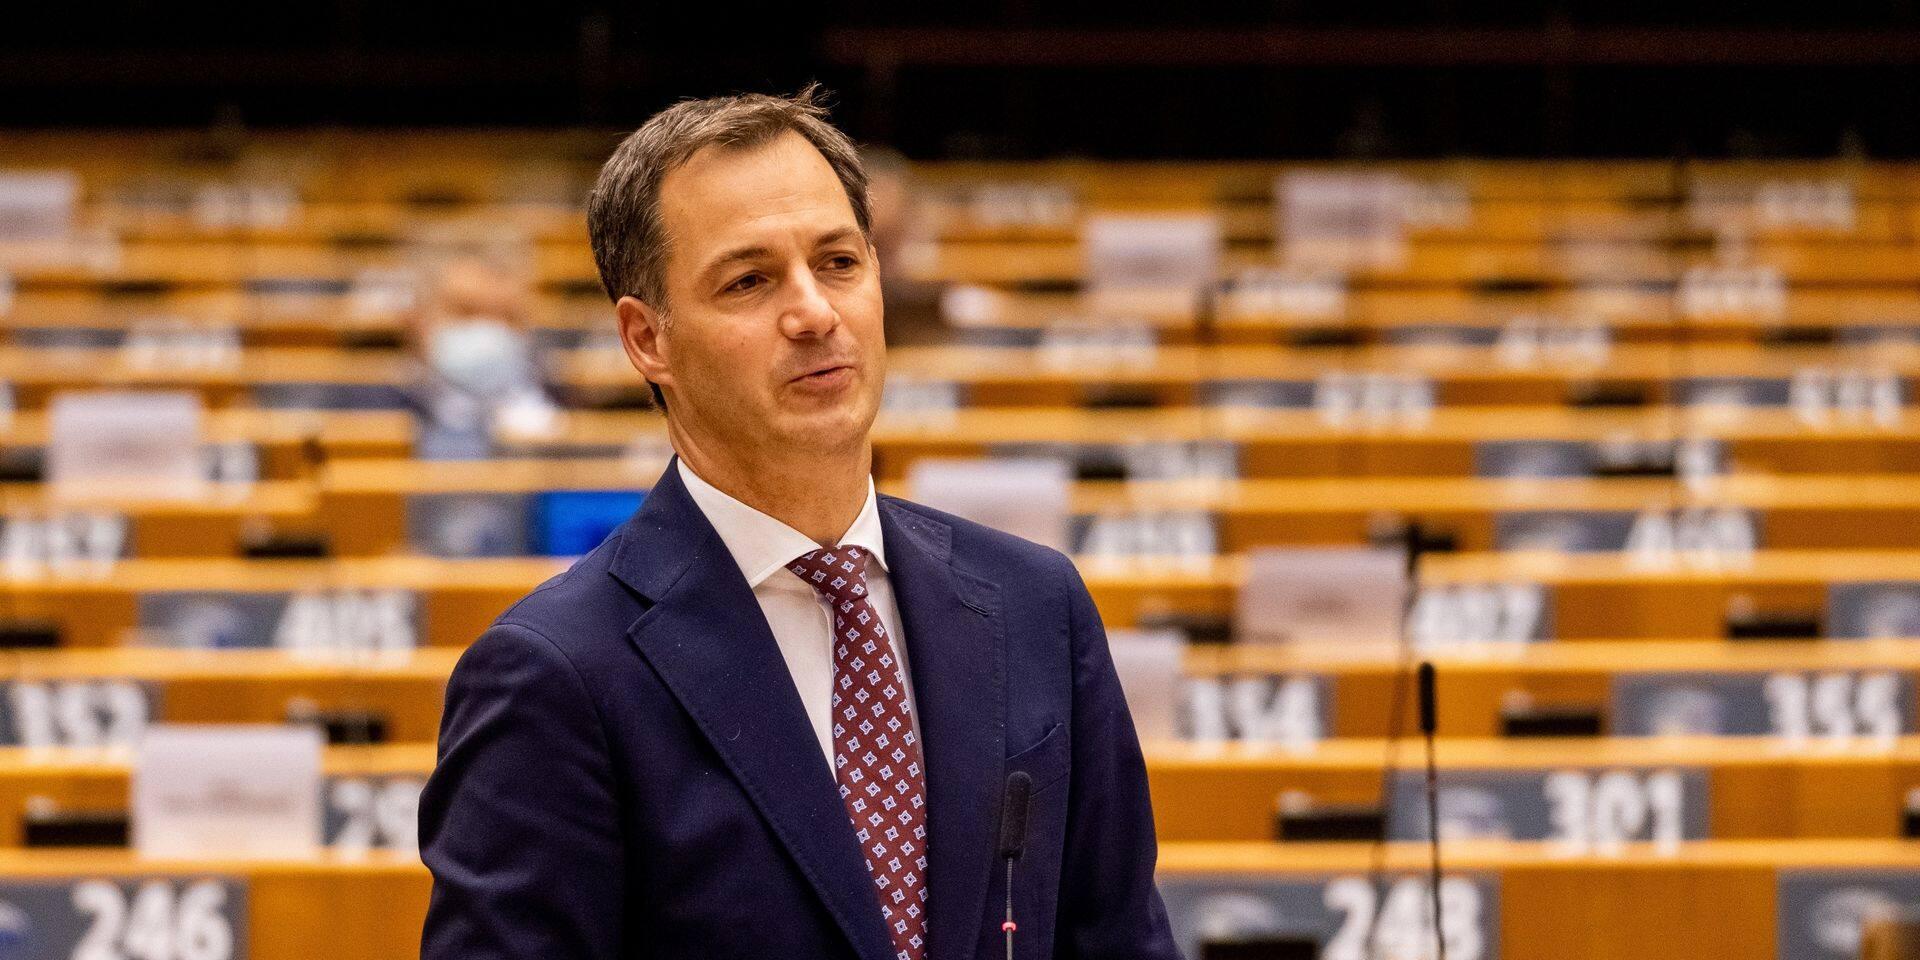 """Les députés doivent voter la confiance au gouvernement Vivaldi: """"N'alimentons pas le conflit artificiellement"""", appelle De Croo"""